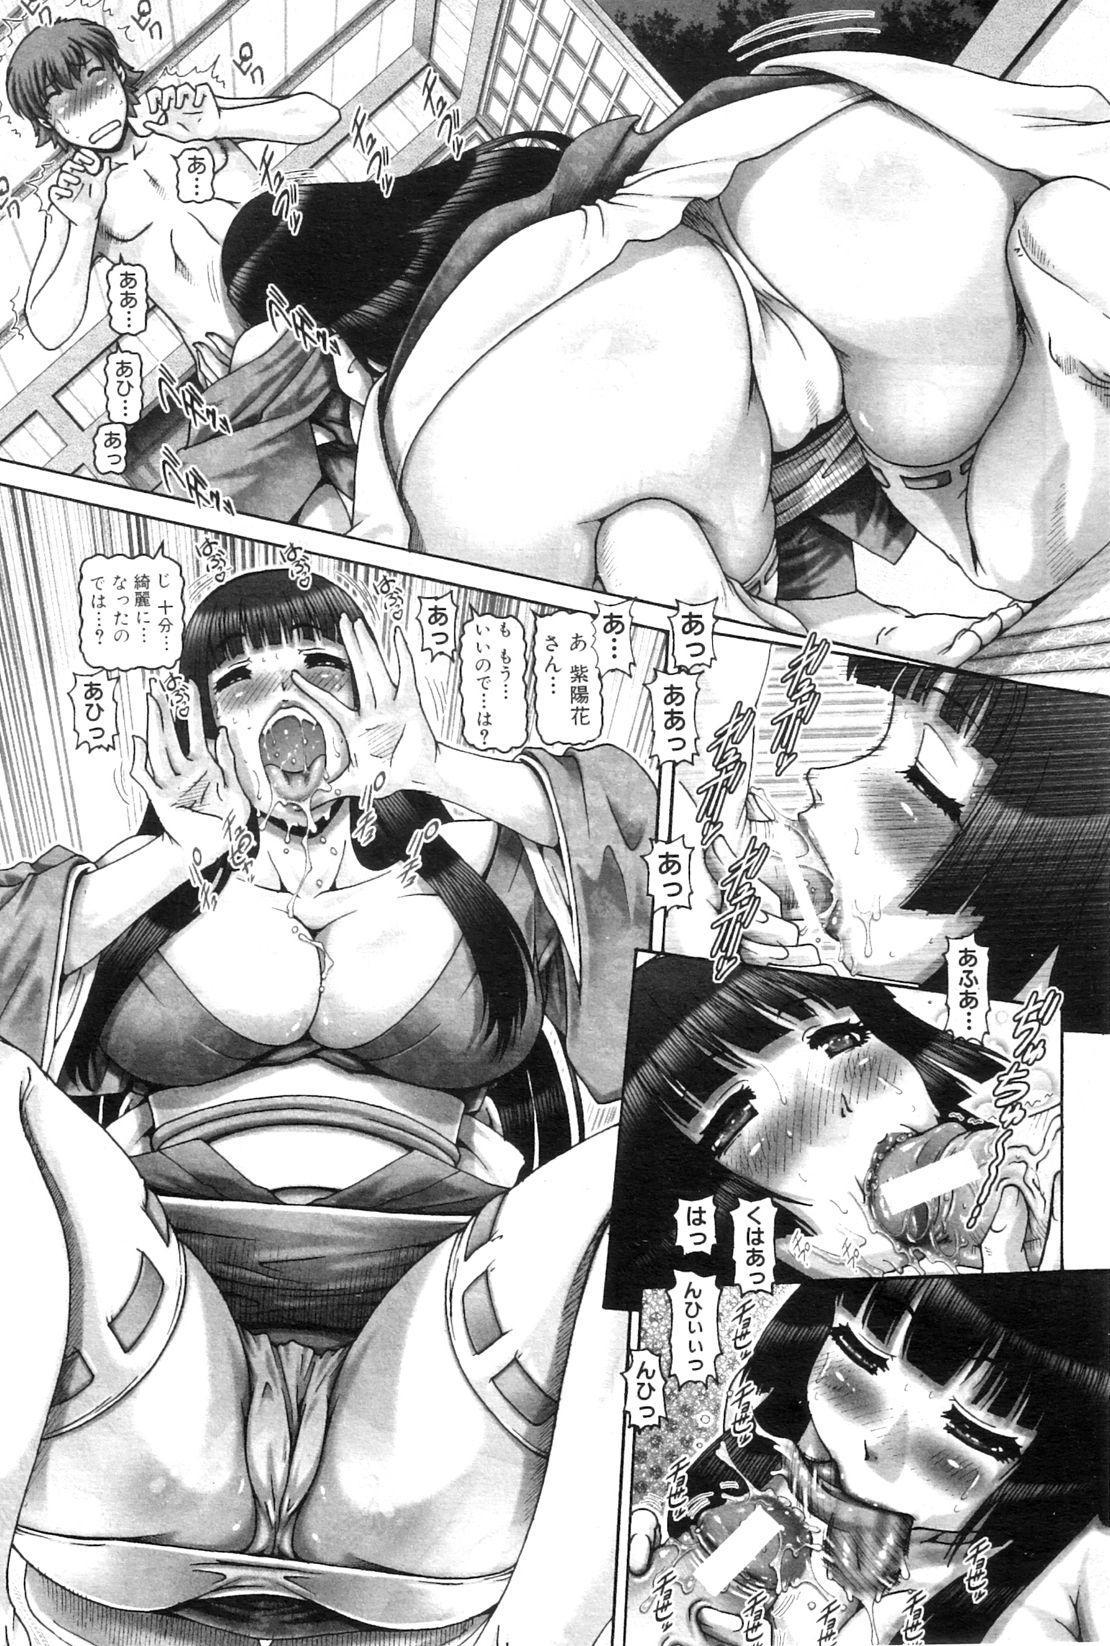 Ayakashiyakata no Tamahime 64